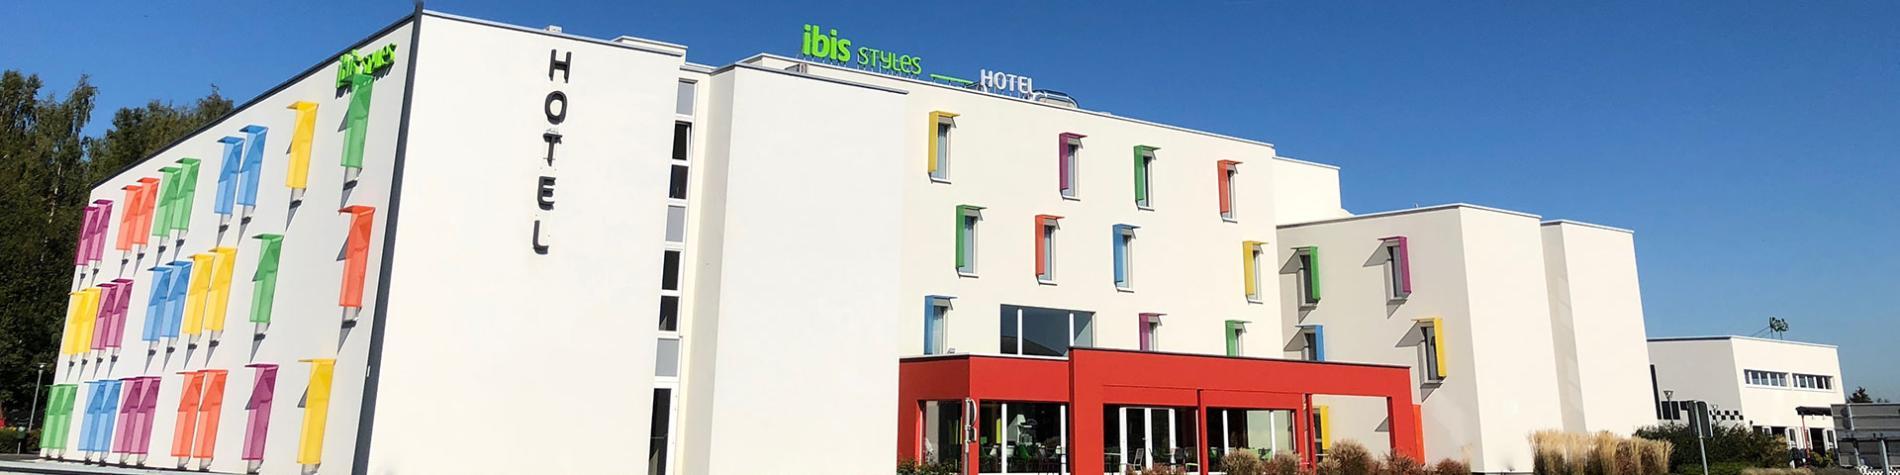 Hôtel Ibis Styles - Nivelles - restaurant/bar - petit-déjeuner buffet - climatisation dans toutes les chambres - appartement avec jacuzzi et sauna - personnes à mobilité réduite